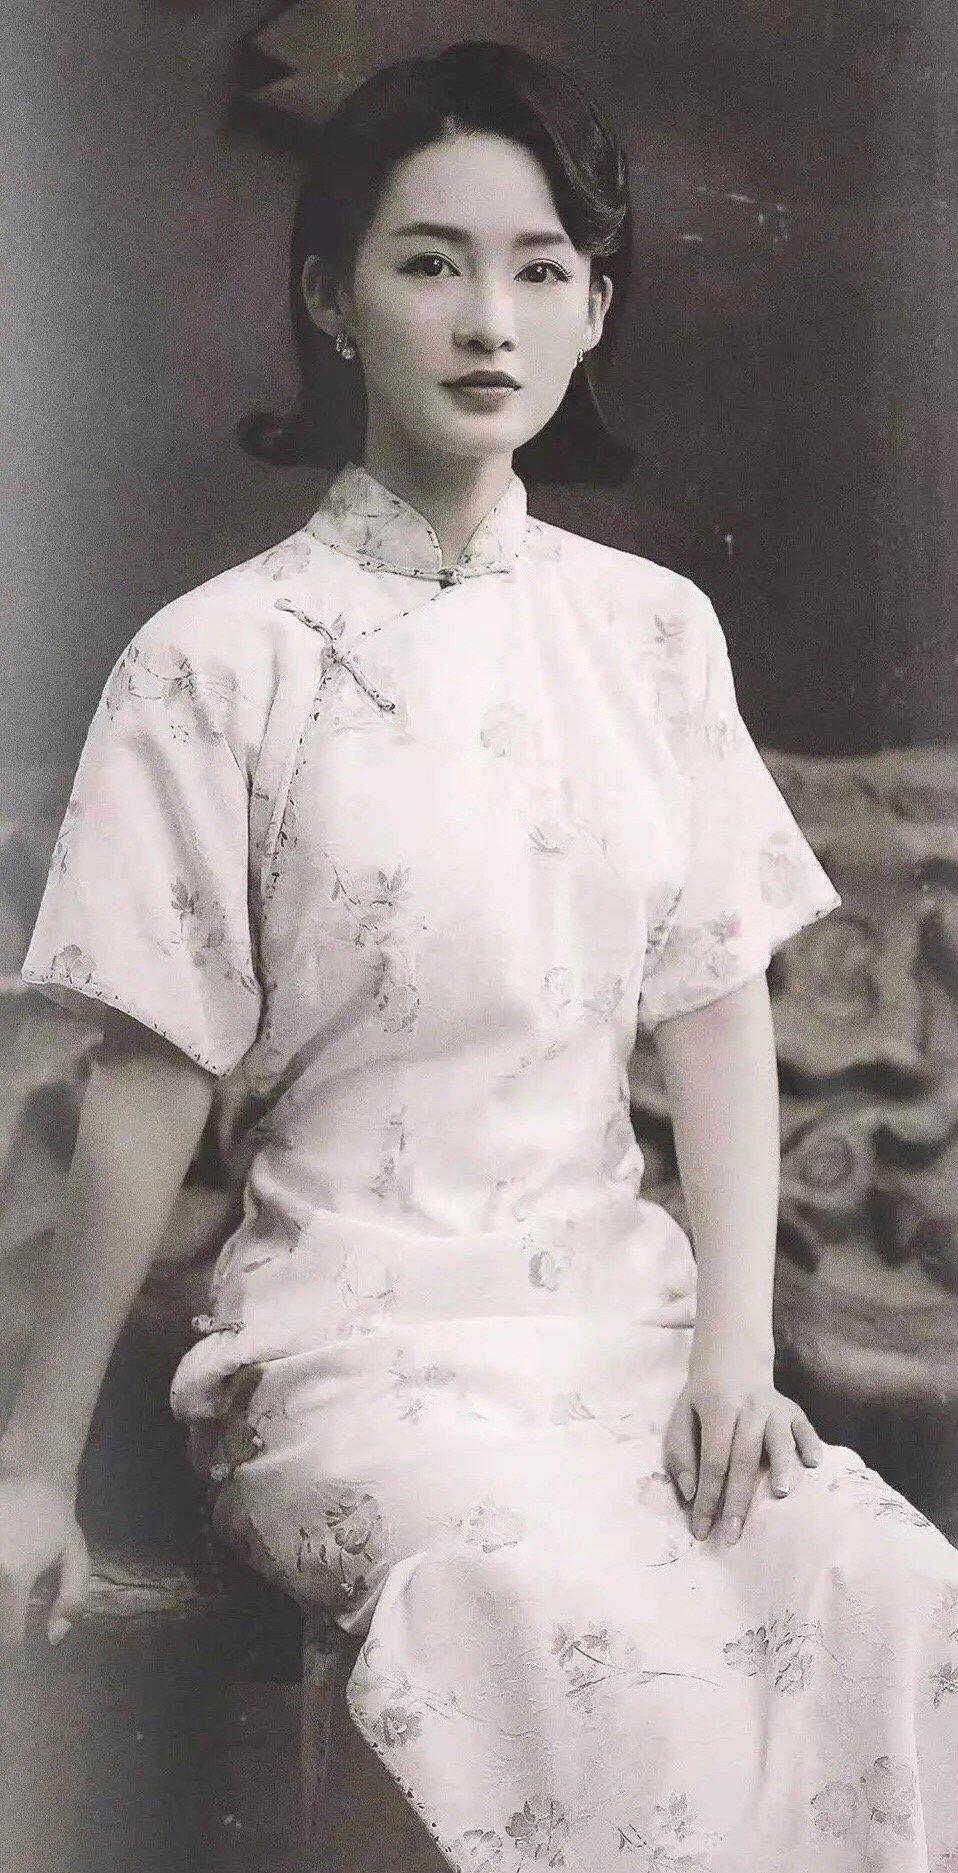 李沁再一次惊艳众人!她在《遇见天坛》里饰演人间四月天的林徽因